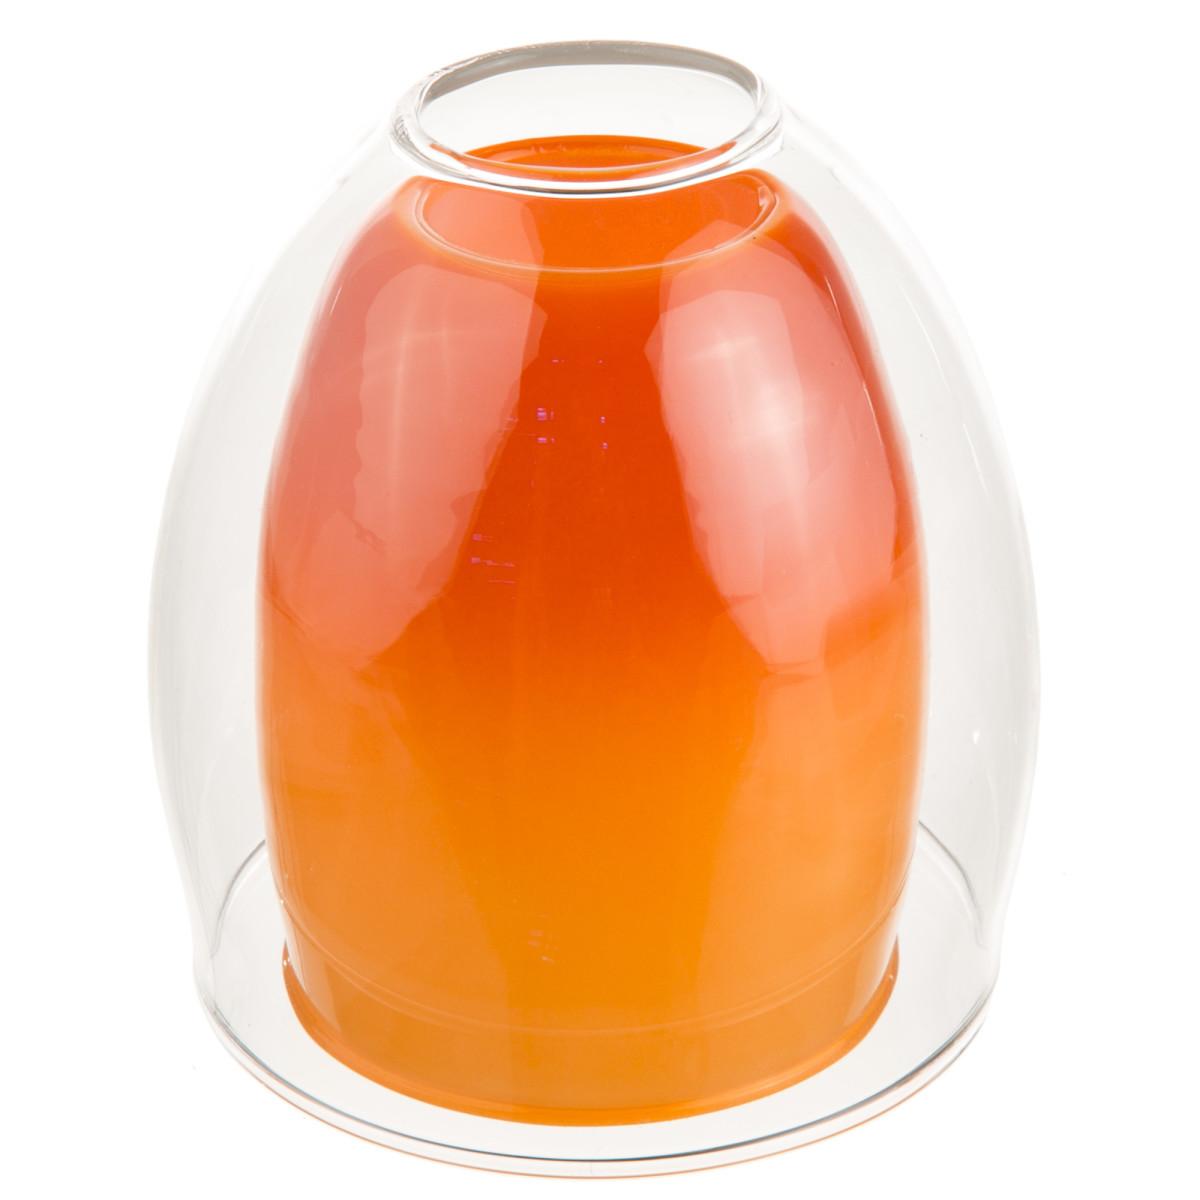 Плафон Конфетти E14 цвет прозрачный/оранжевый